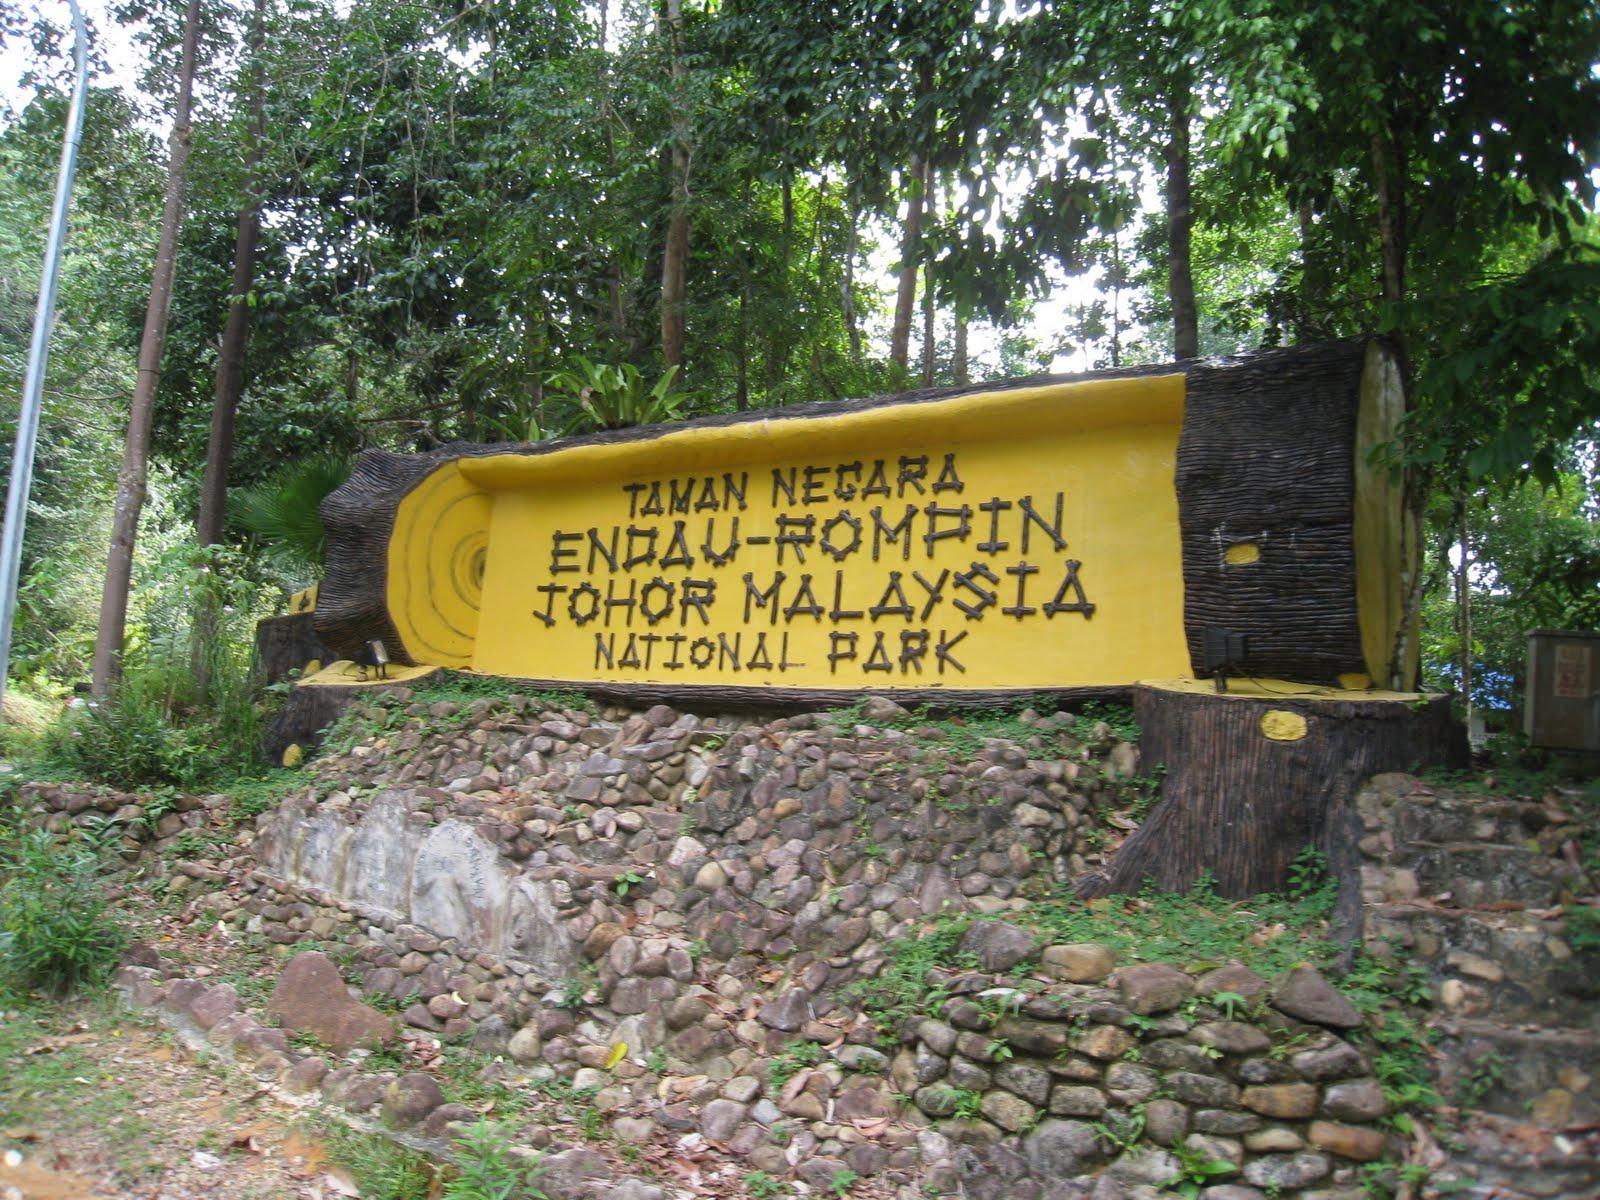 انڈو رومن نیشنل پارک ملیشیا